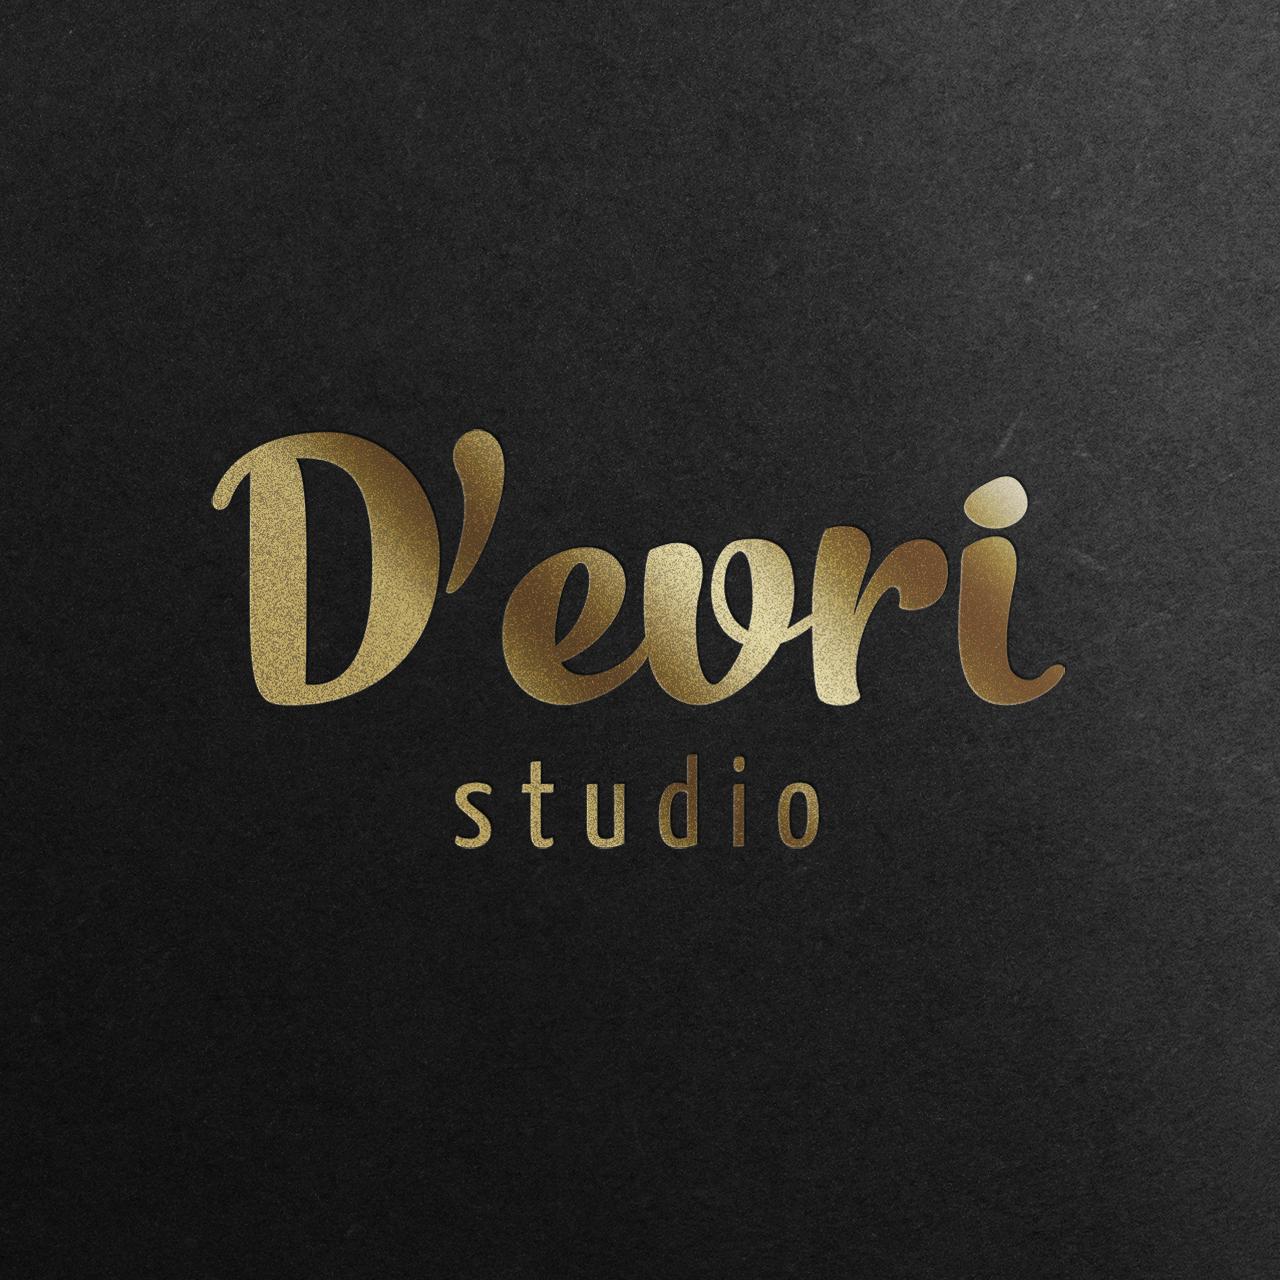 devri studio-logo-mockup-gold